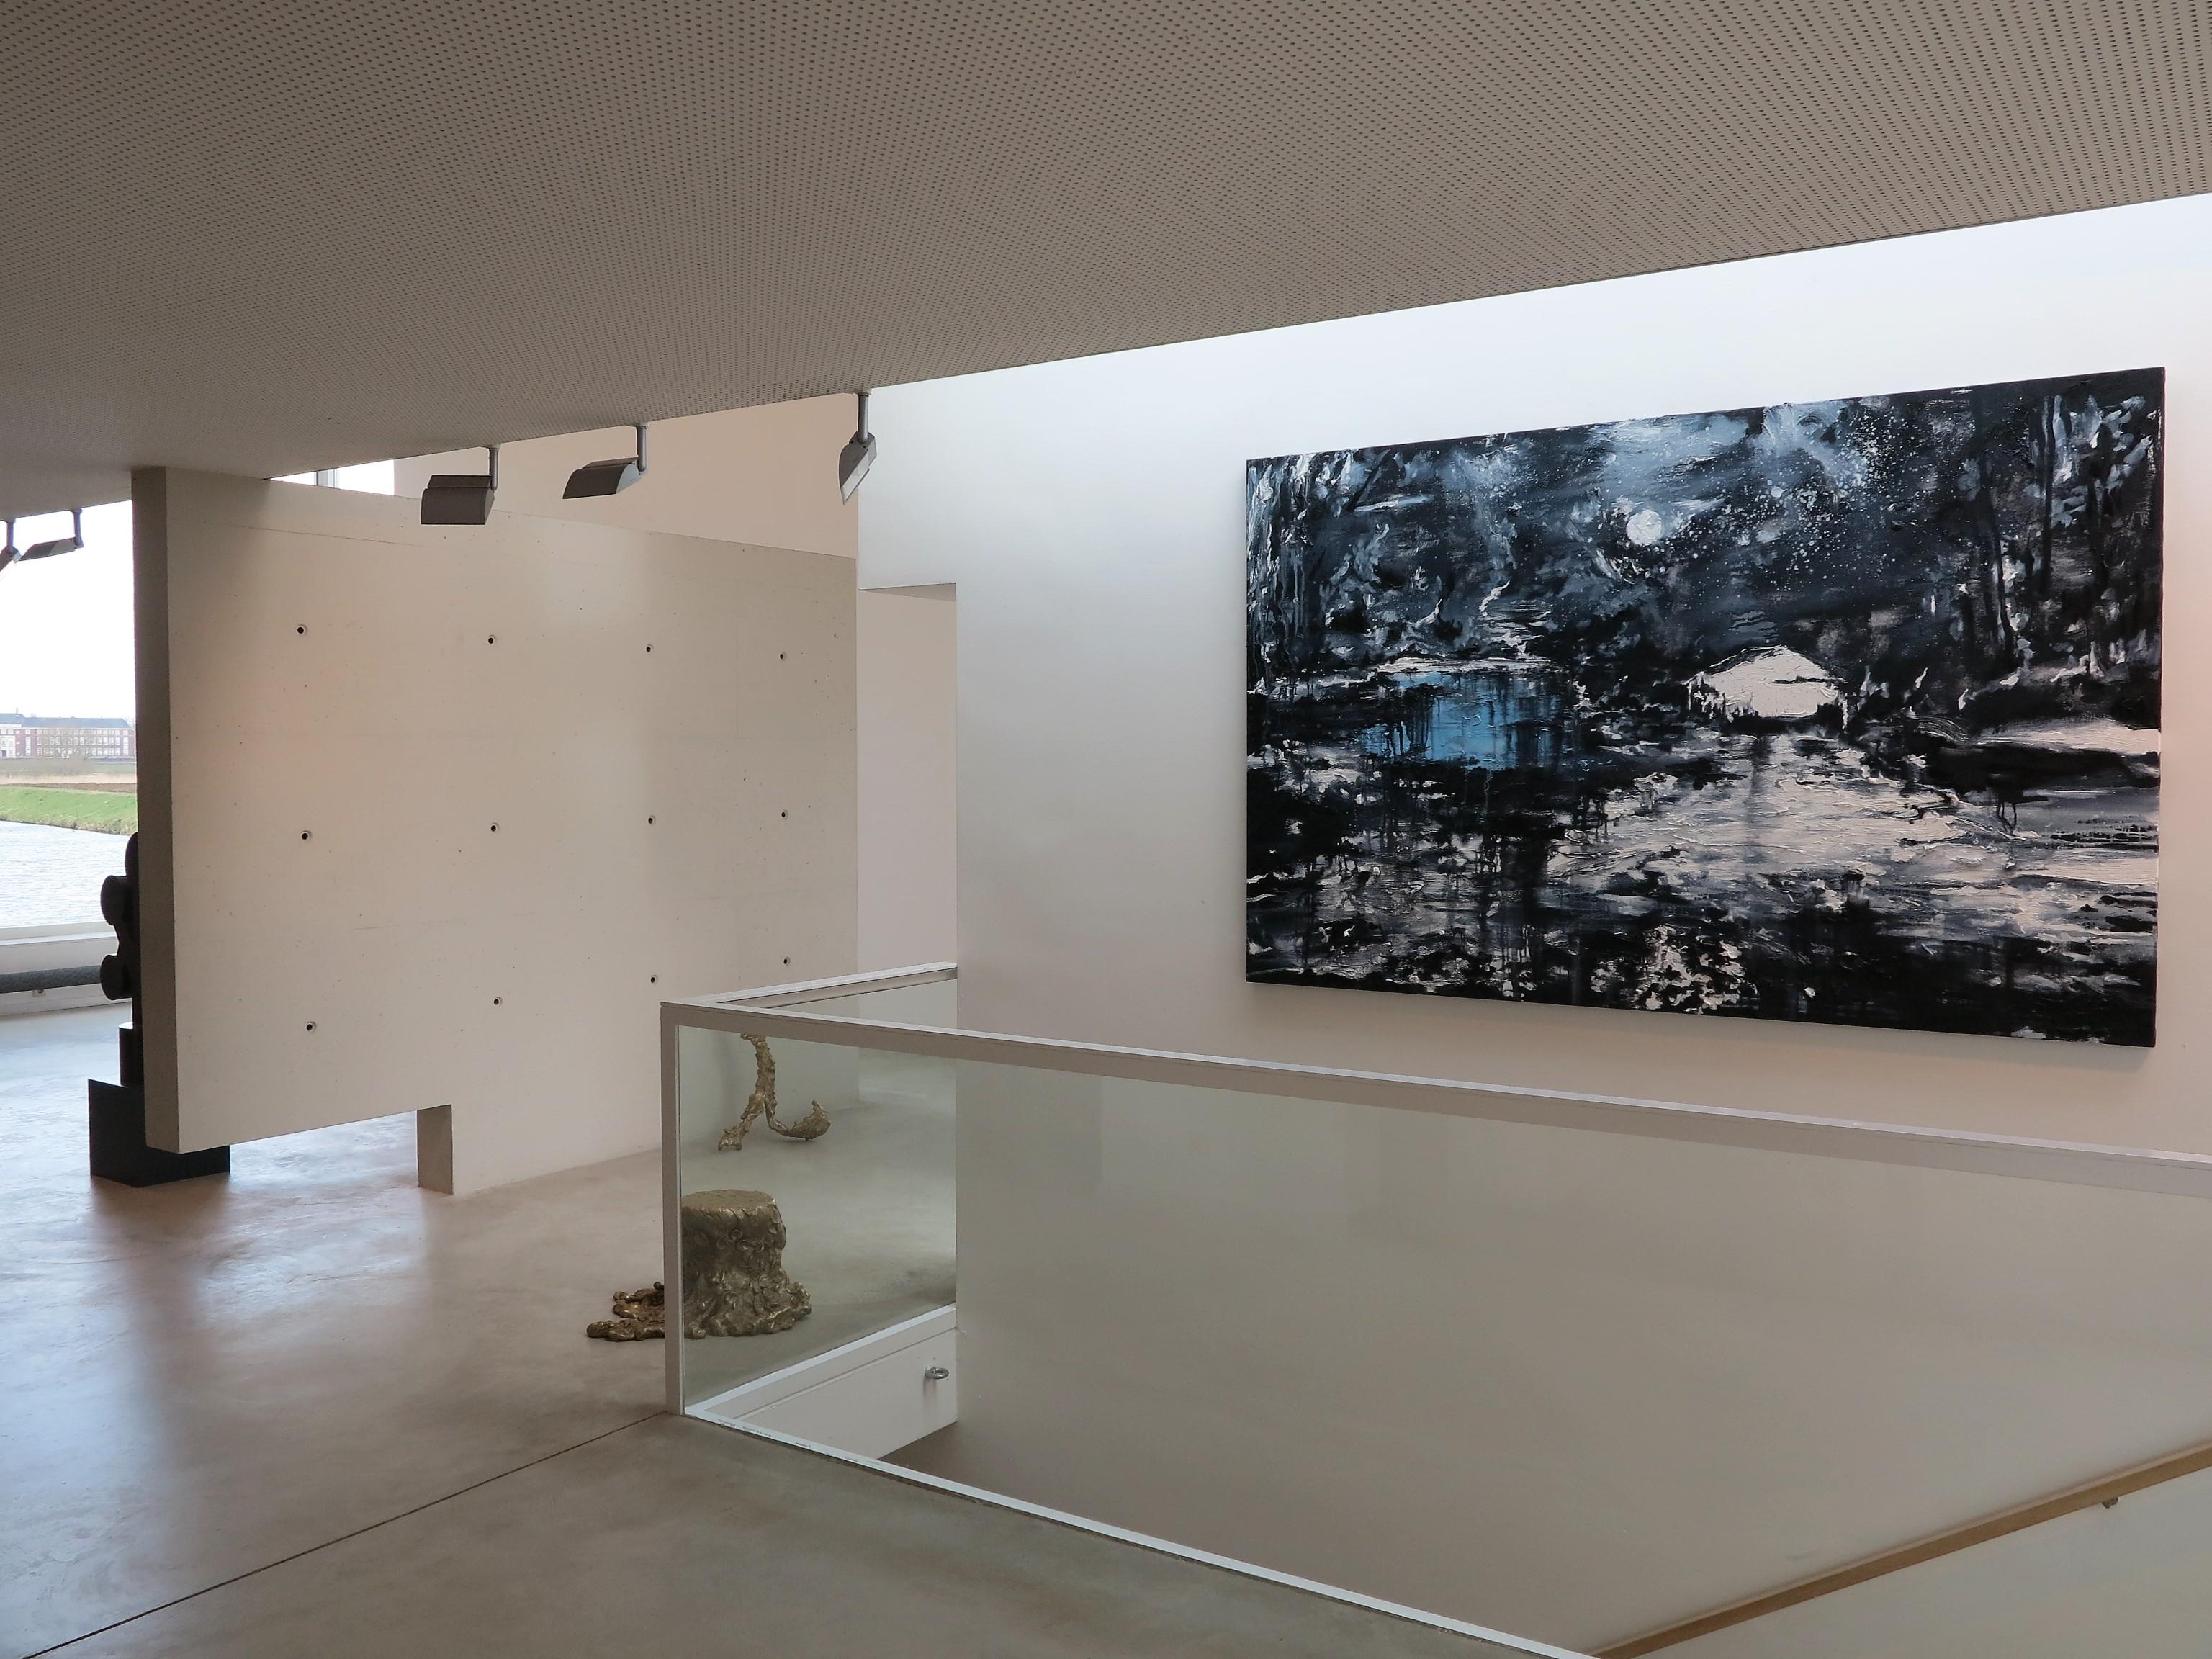 Jubileumexpositie II, Jan van Hoof Galerie, 's-Hertogenbosch (2018)